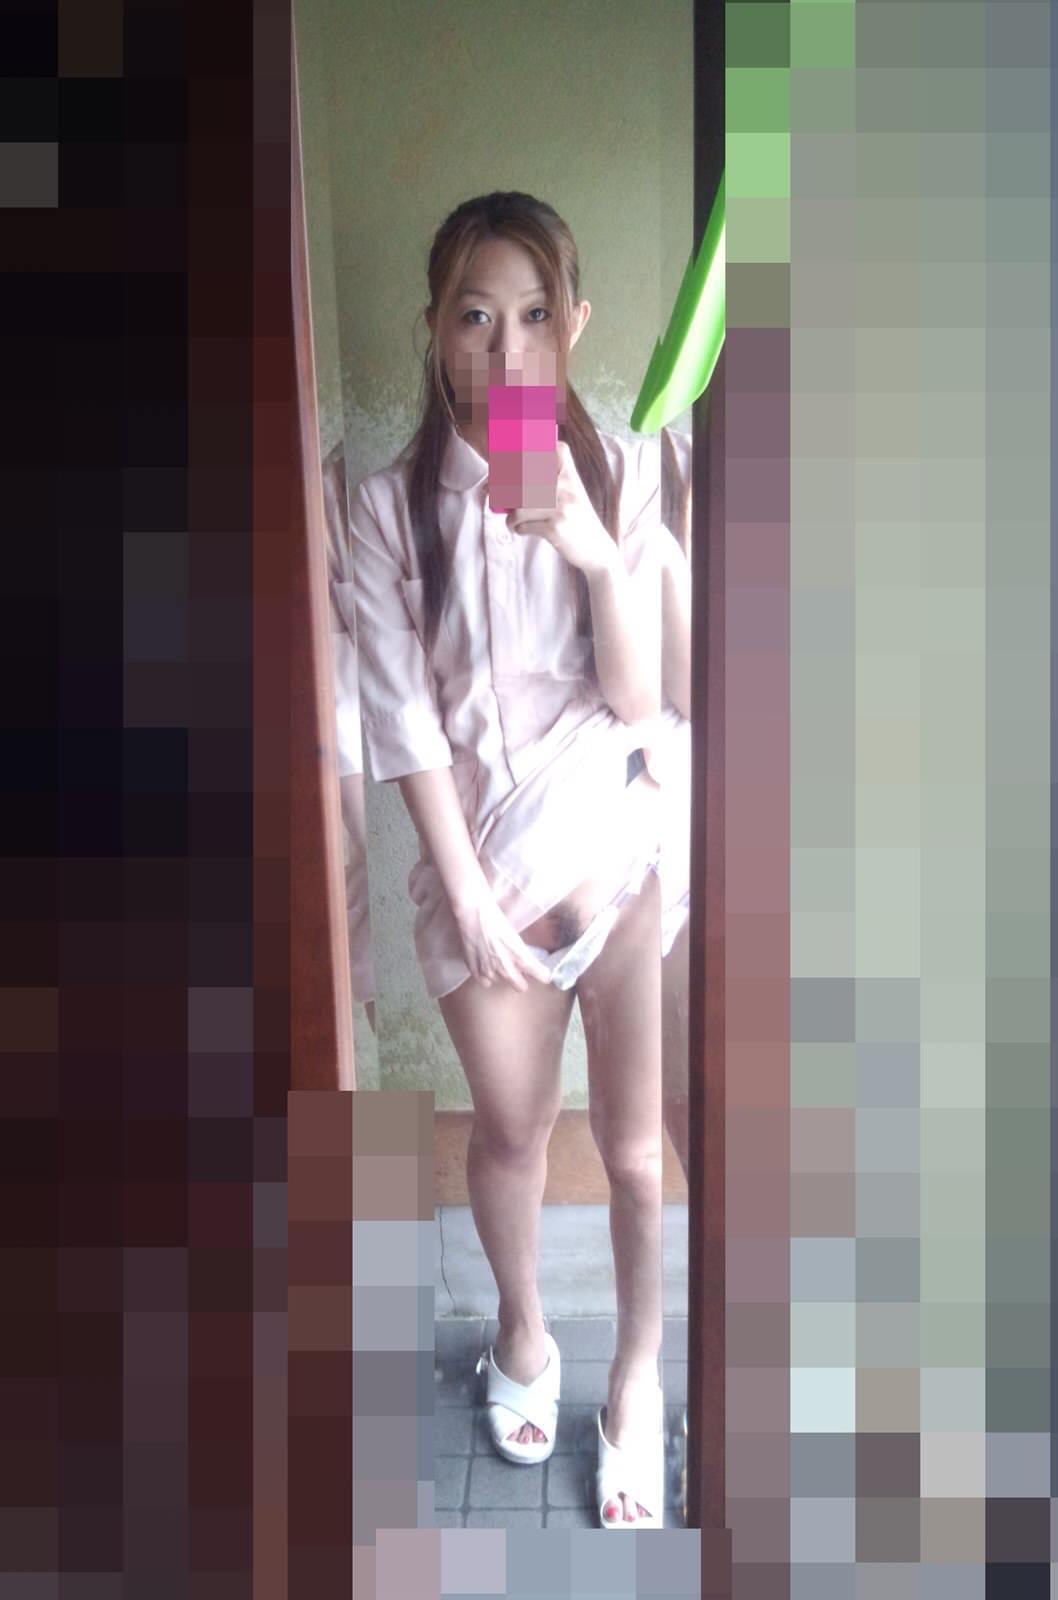 現役ナースの彼女を強制ハメ撮りしたヤバい画像がネットに流出wwwww 2104 1